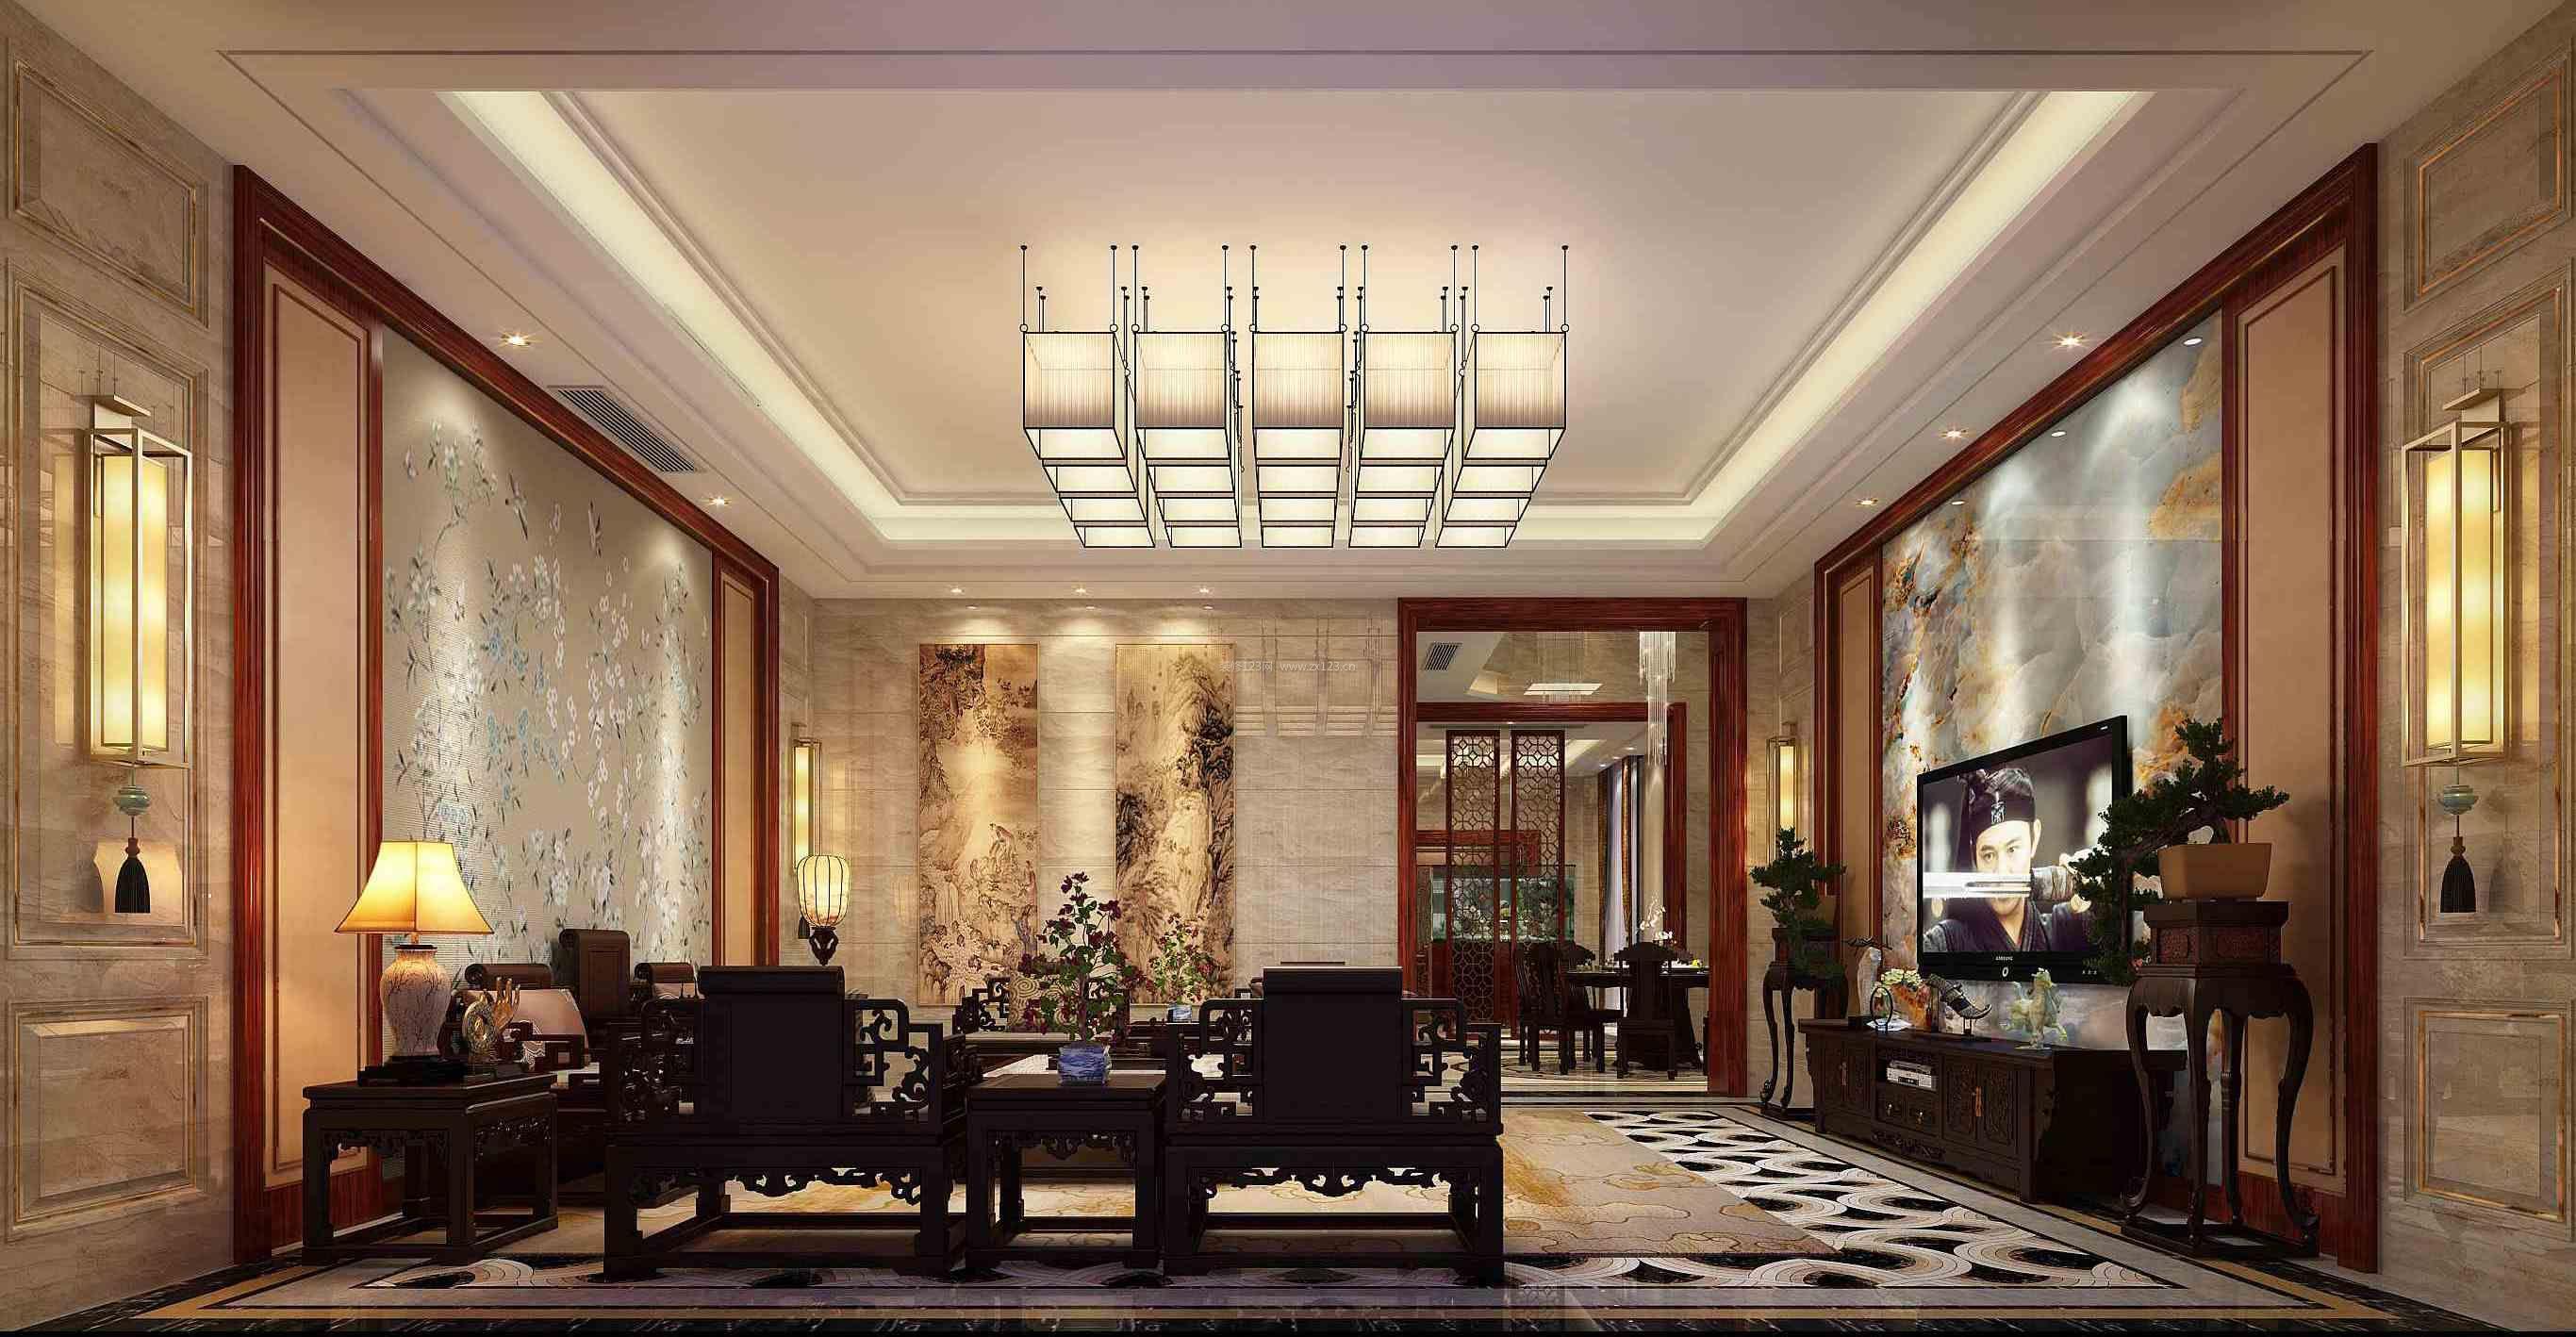 中式别墅客厅微晶石电视背景墙设计图